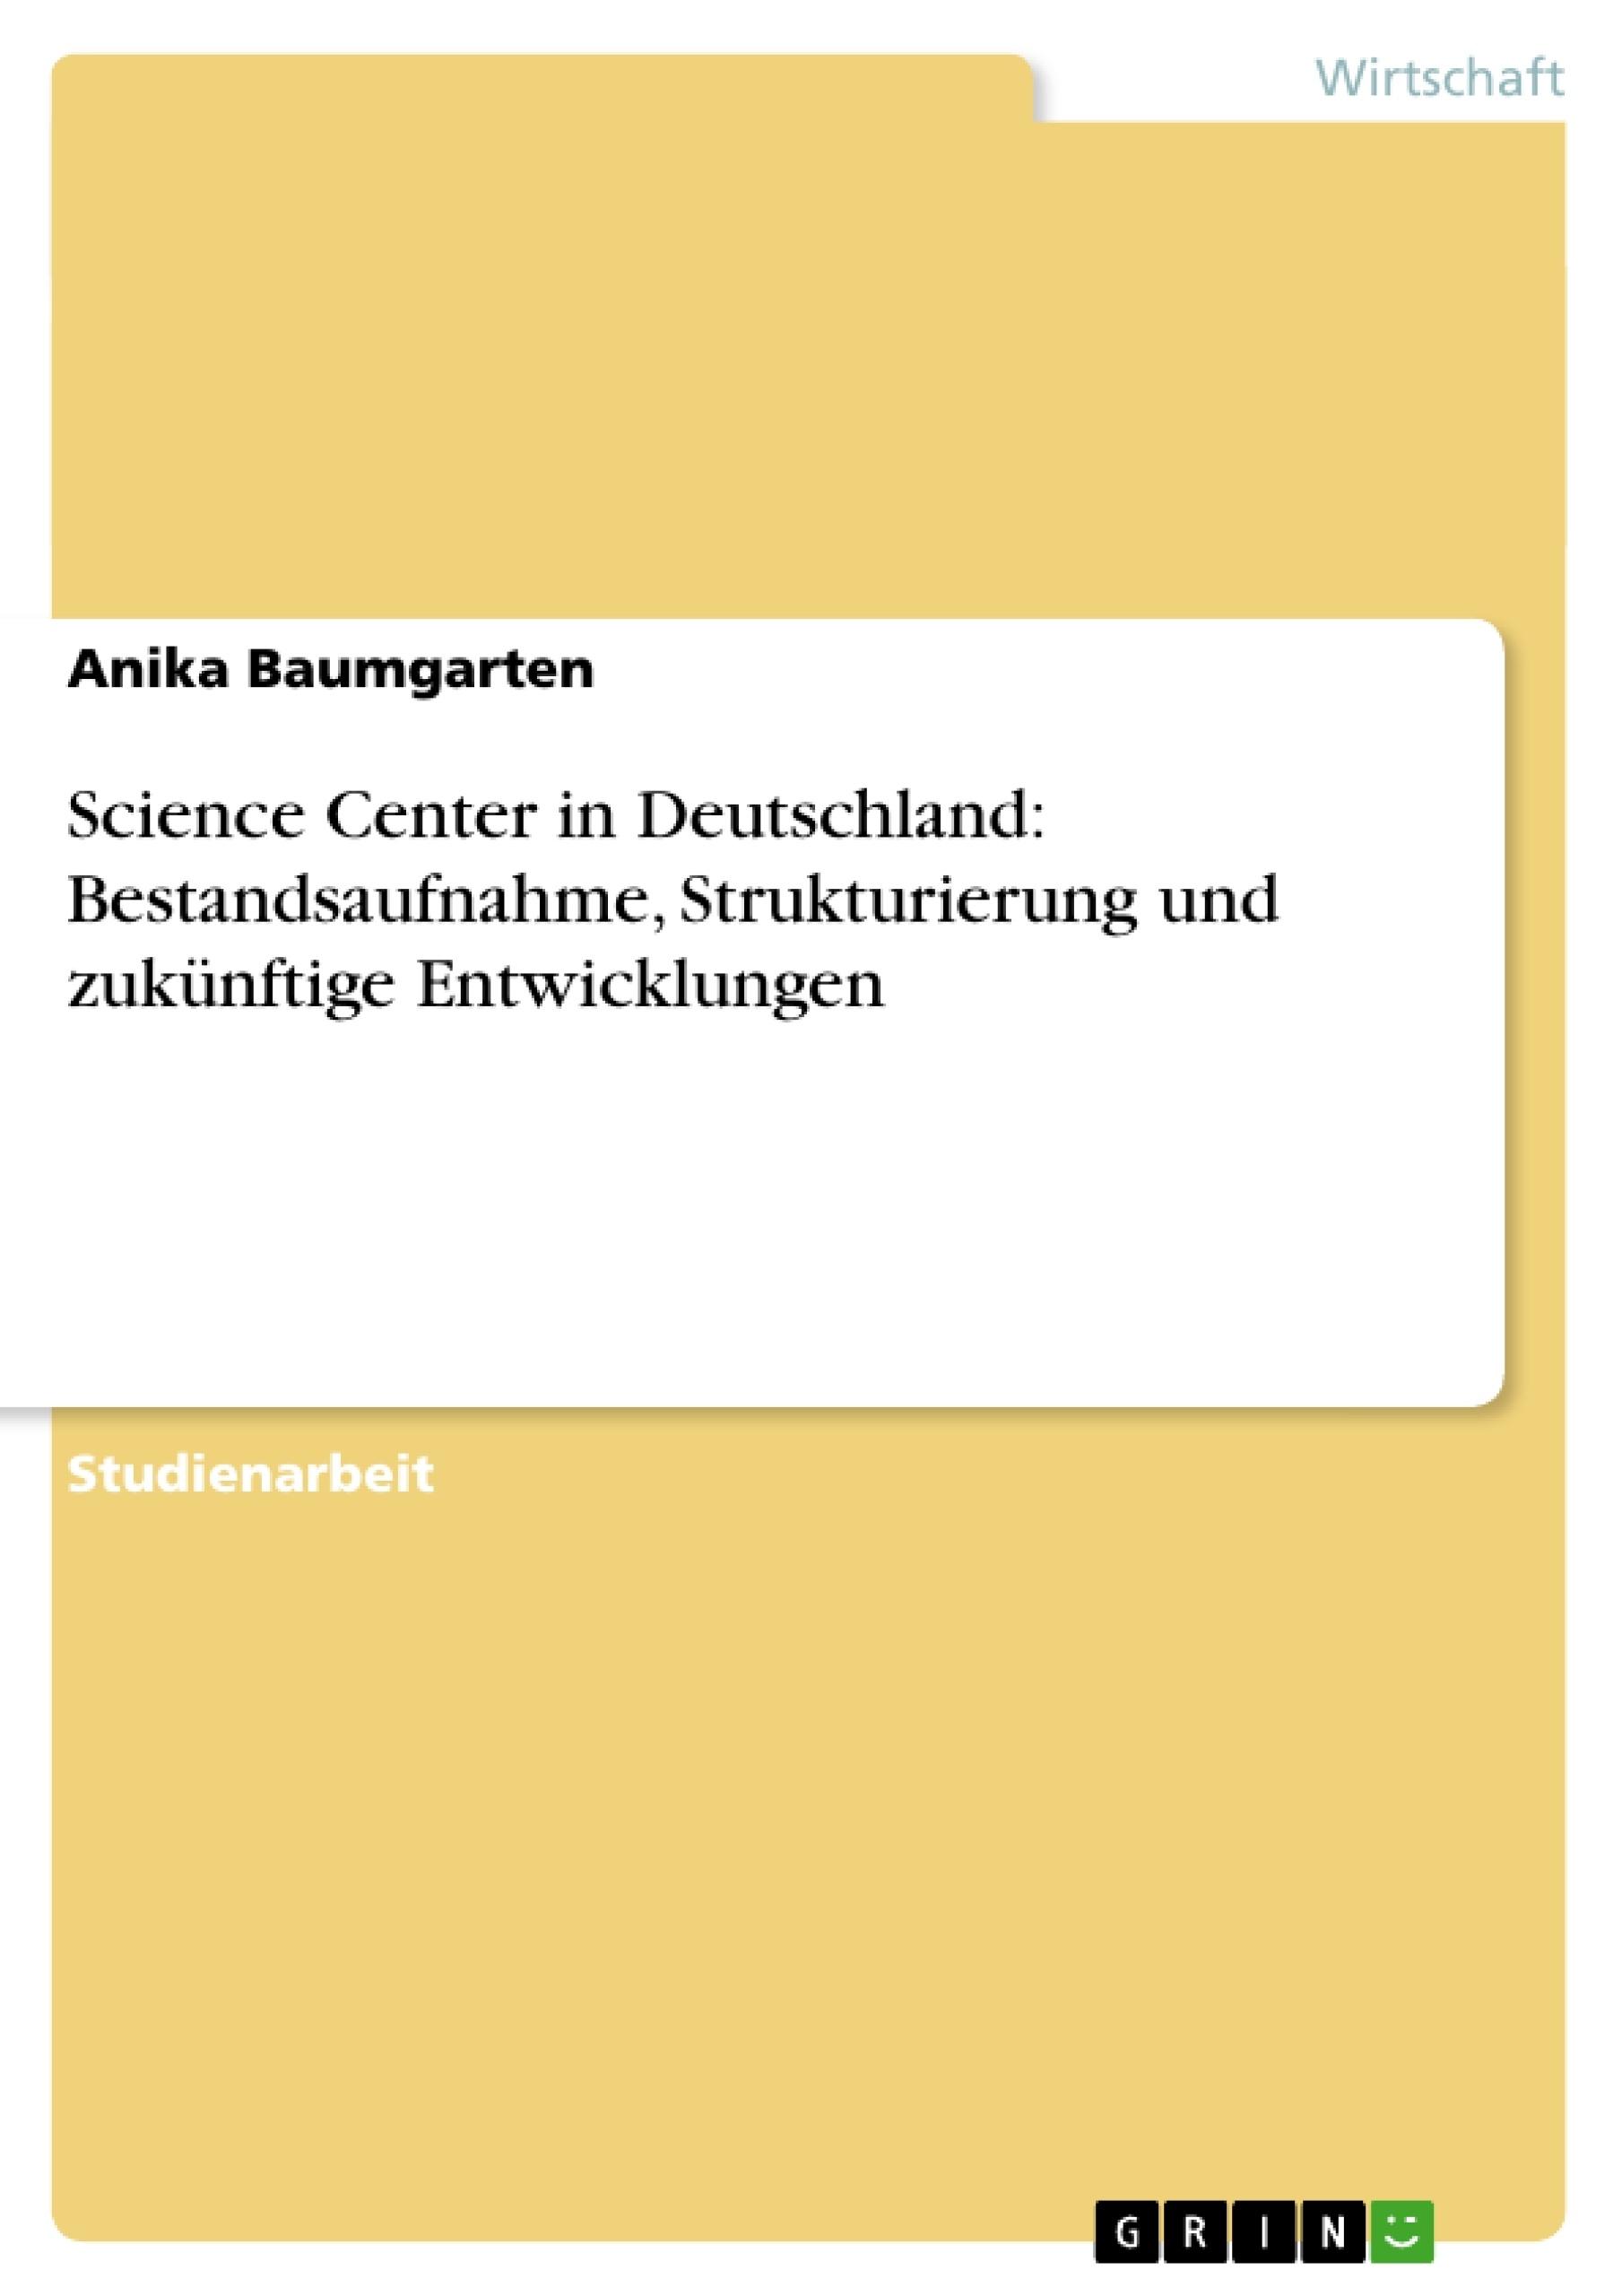 Titel: Science Center in Deutschland: Bestandsaufnahme, Strukturierung und zukünftige Entwicklungen